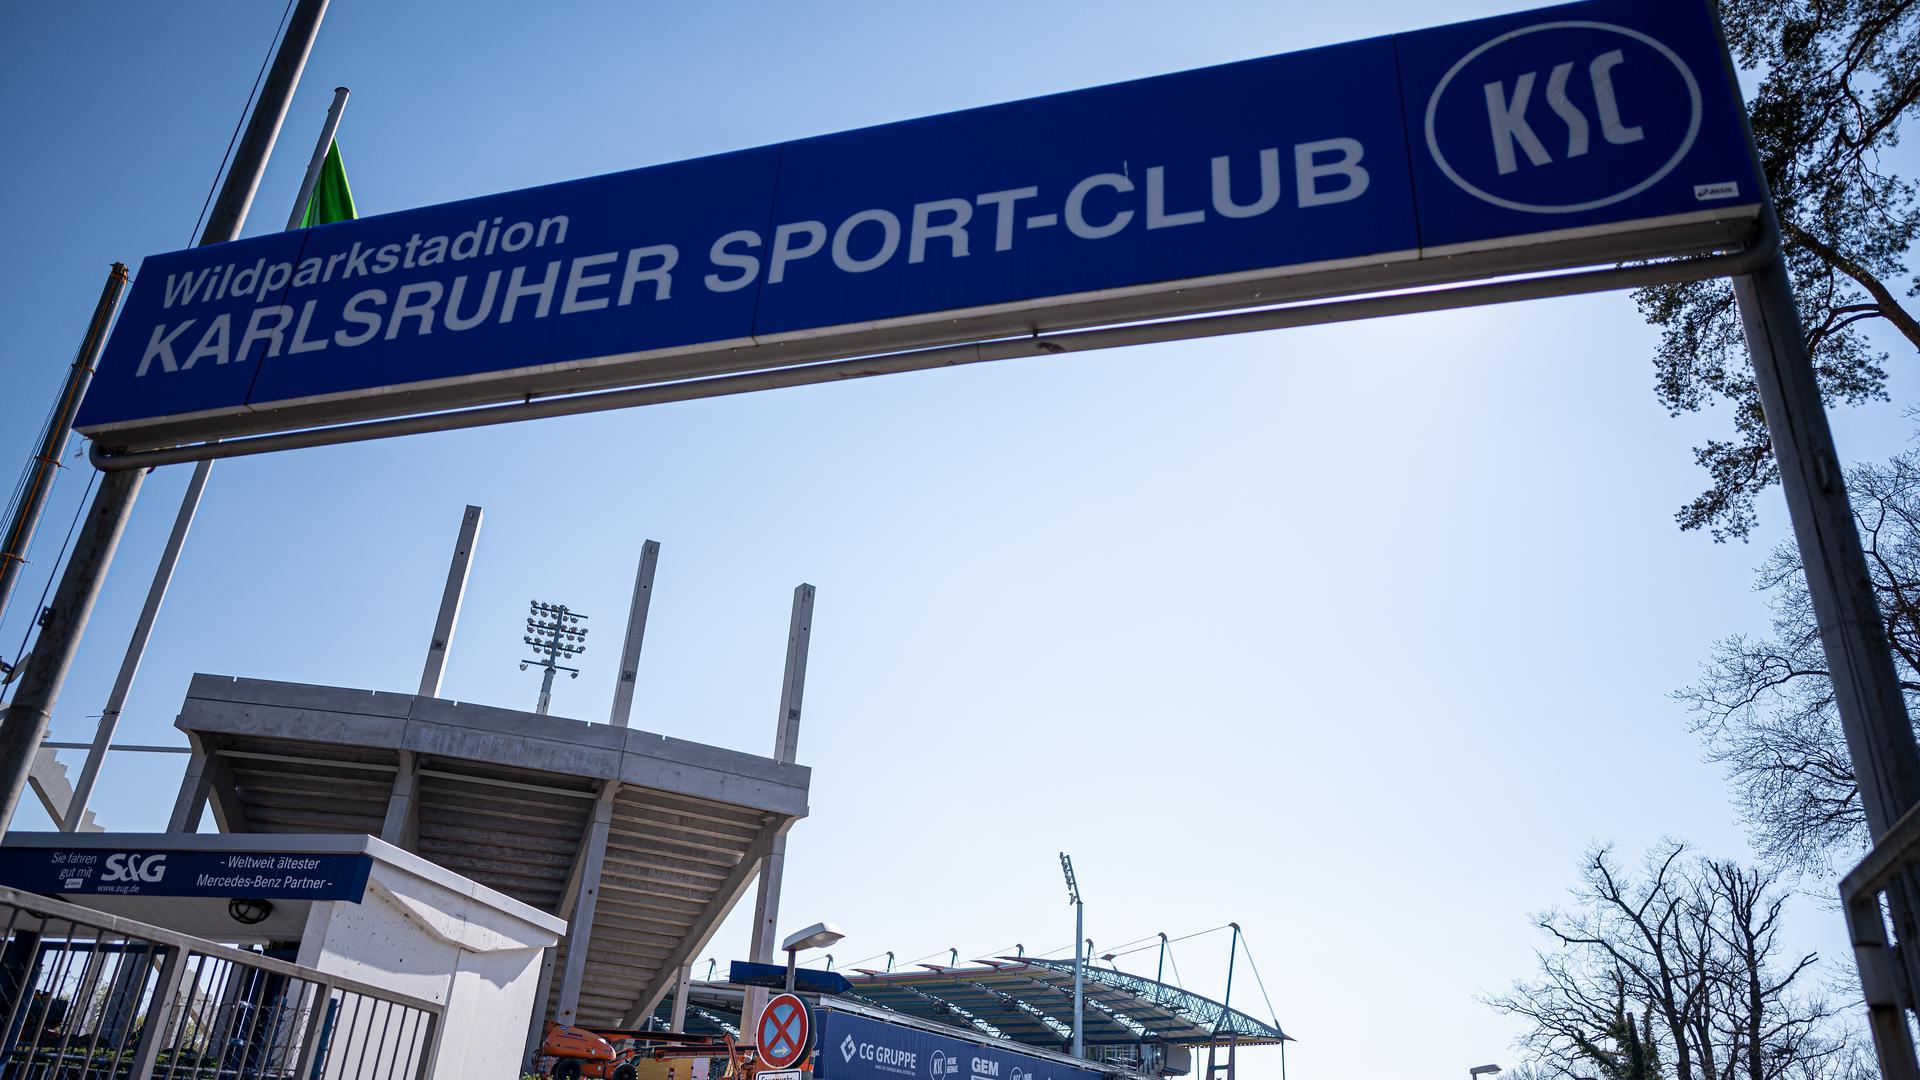 Auch der Karlsruher SC ist von der Corona-Krise betroffen. Der Club steckte aber zuvor bereits in finanziellen Schwierigkeiten.